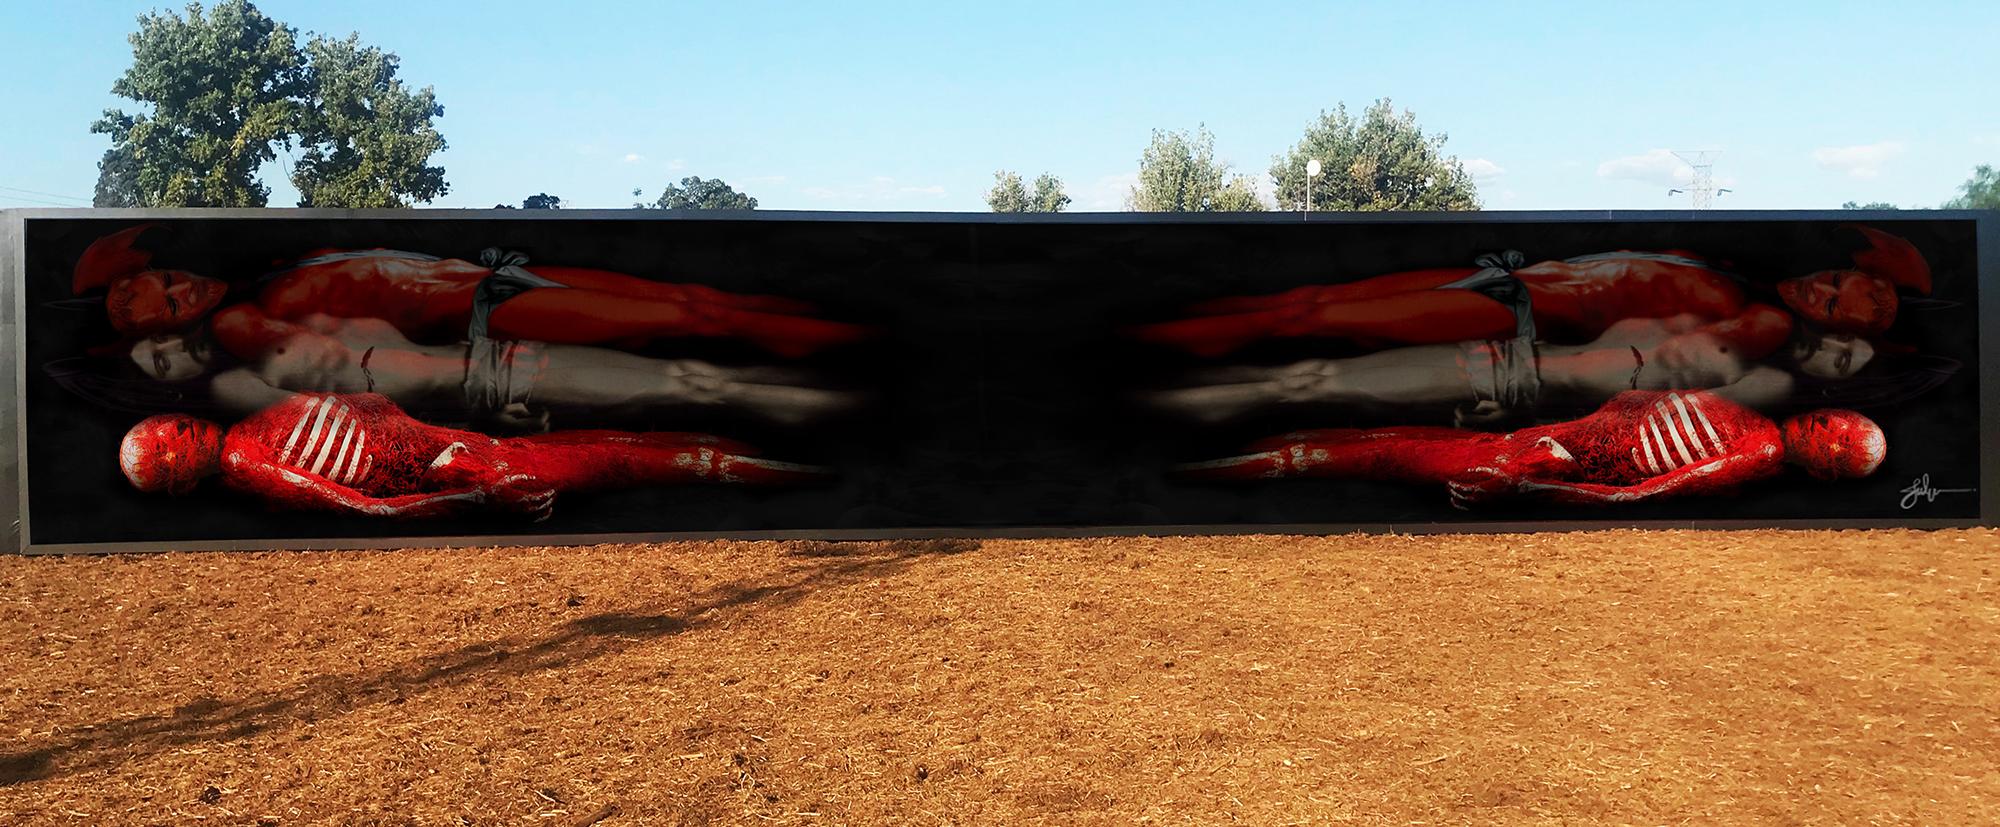 Demon+Dayz+Mural.jpg